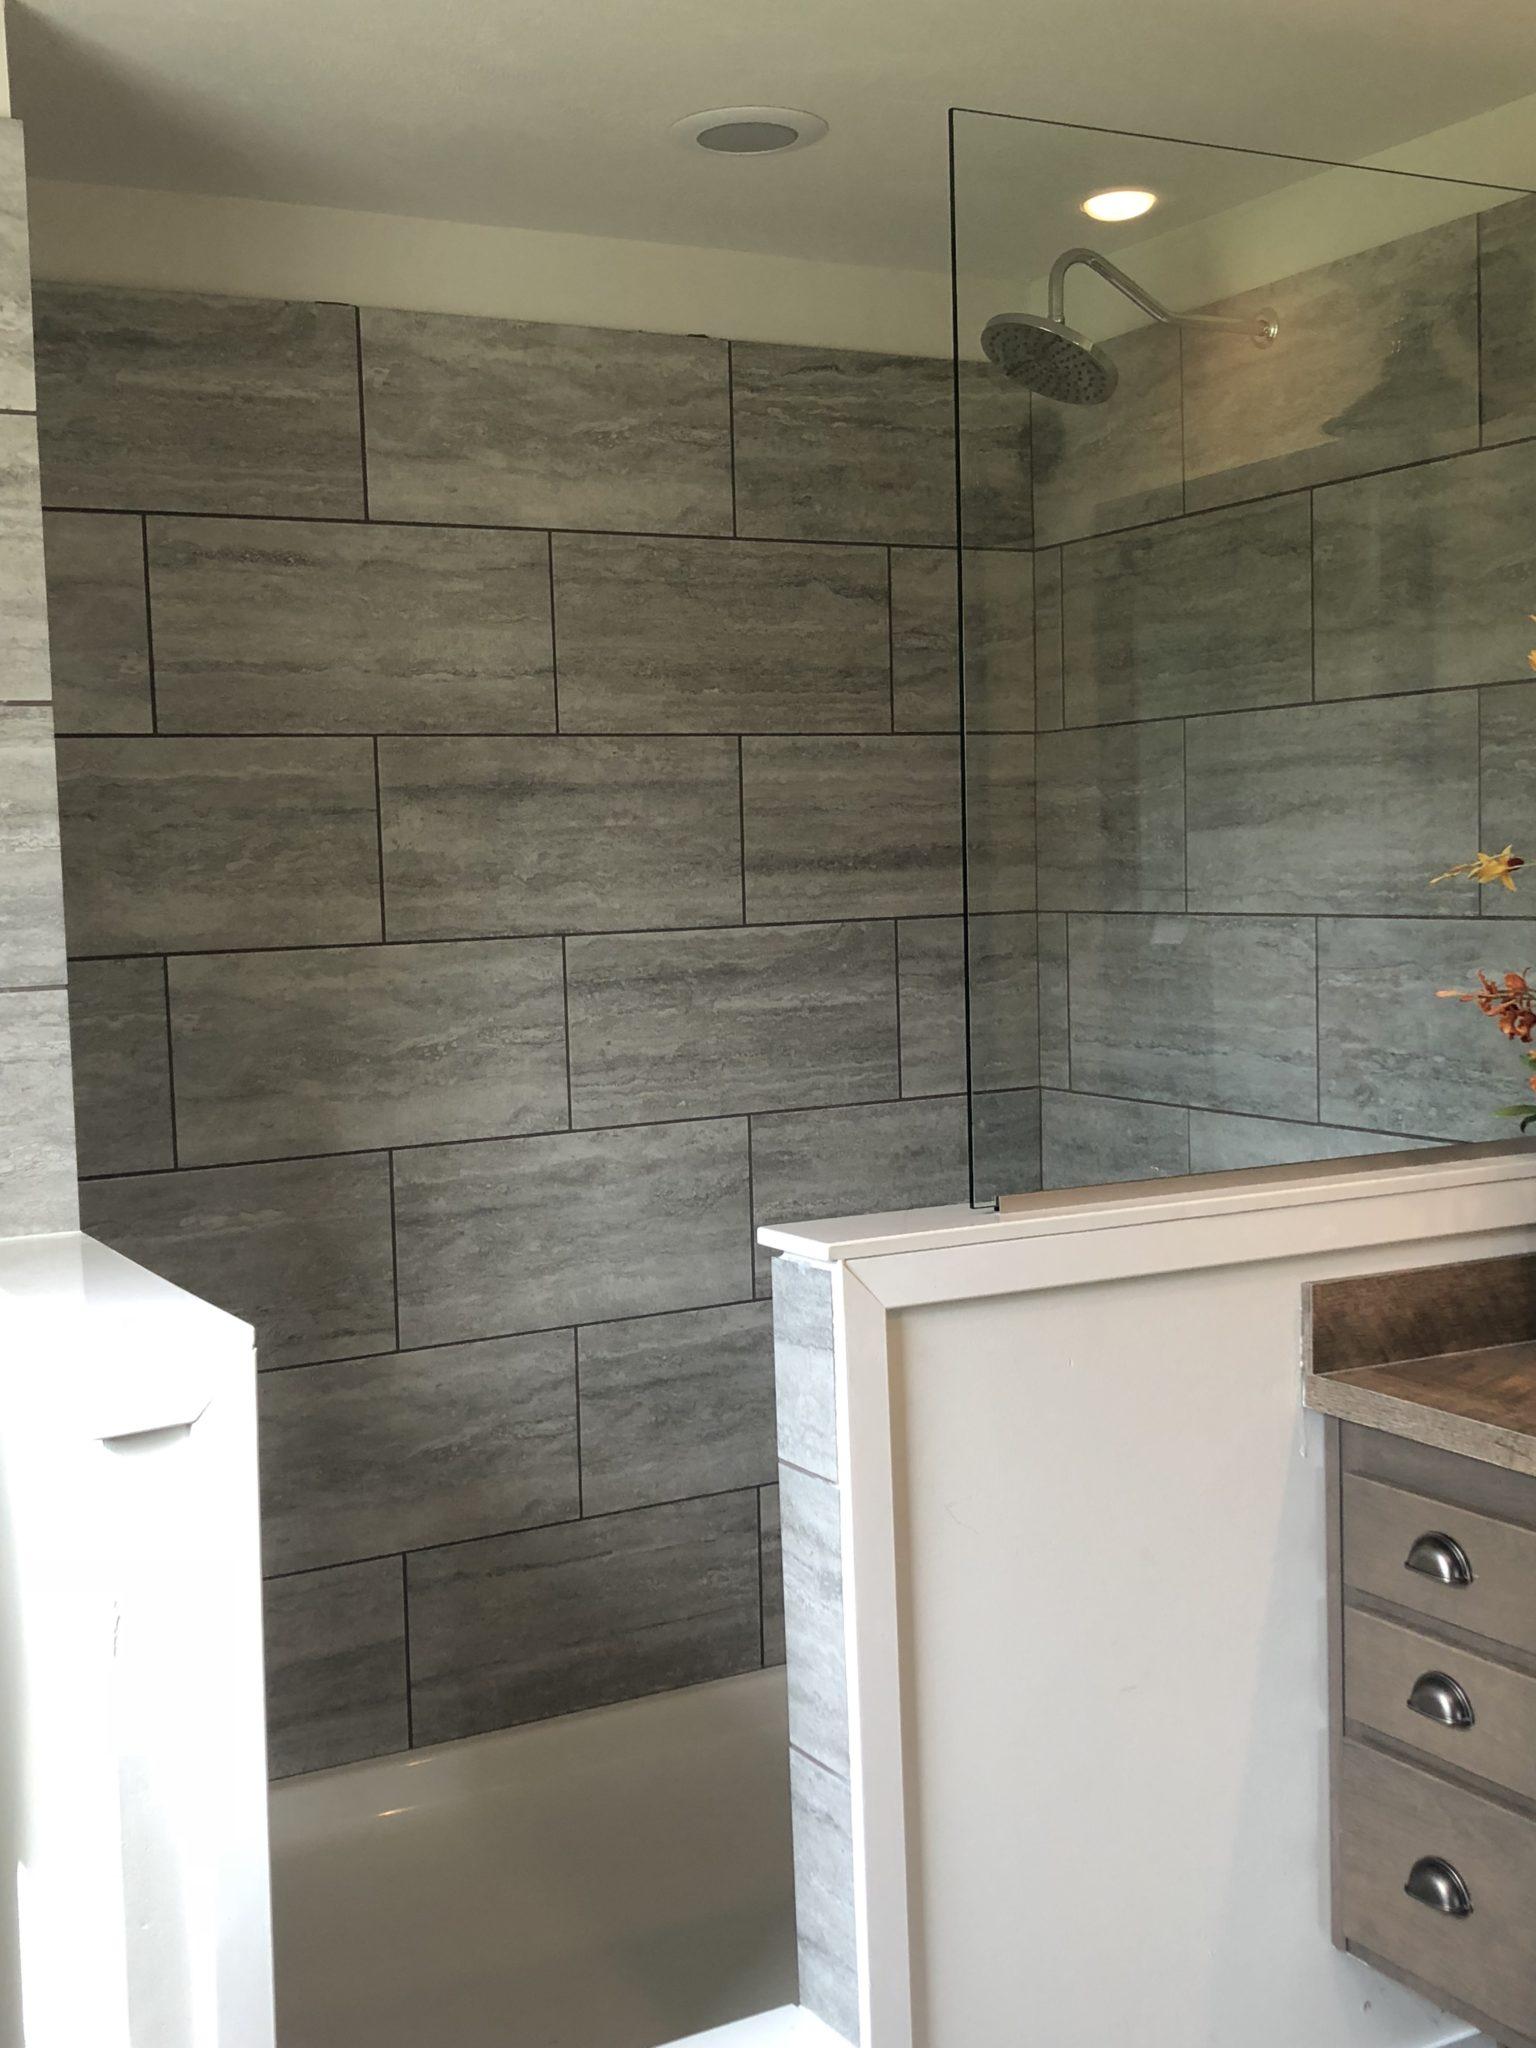 The Jackson custom modular home bathroom